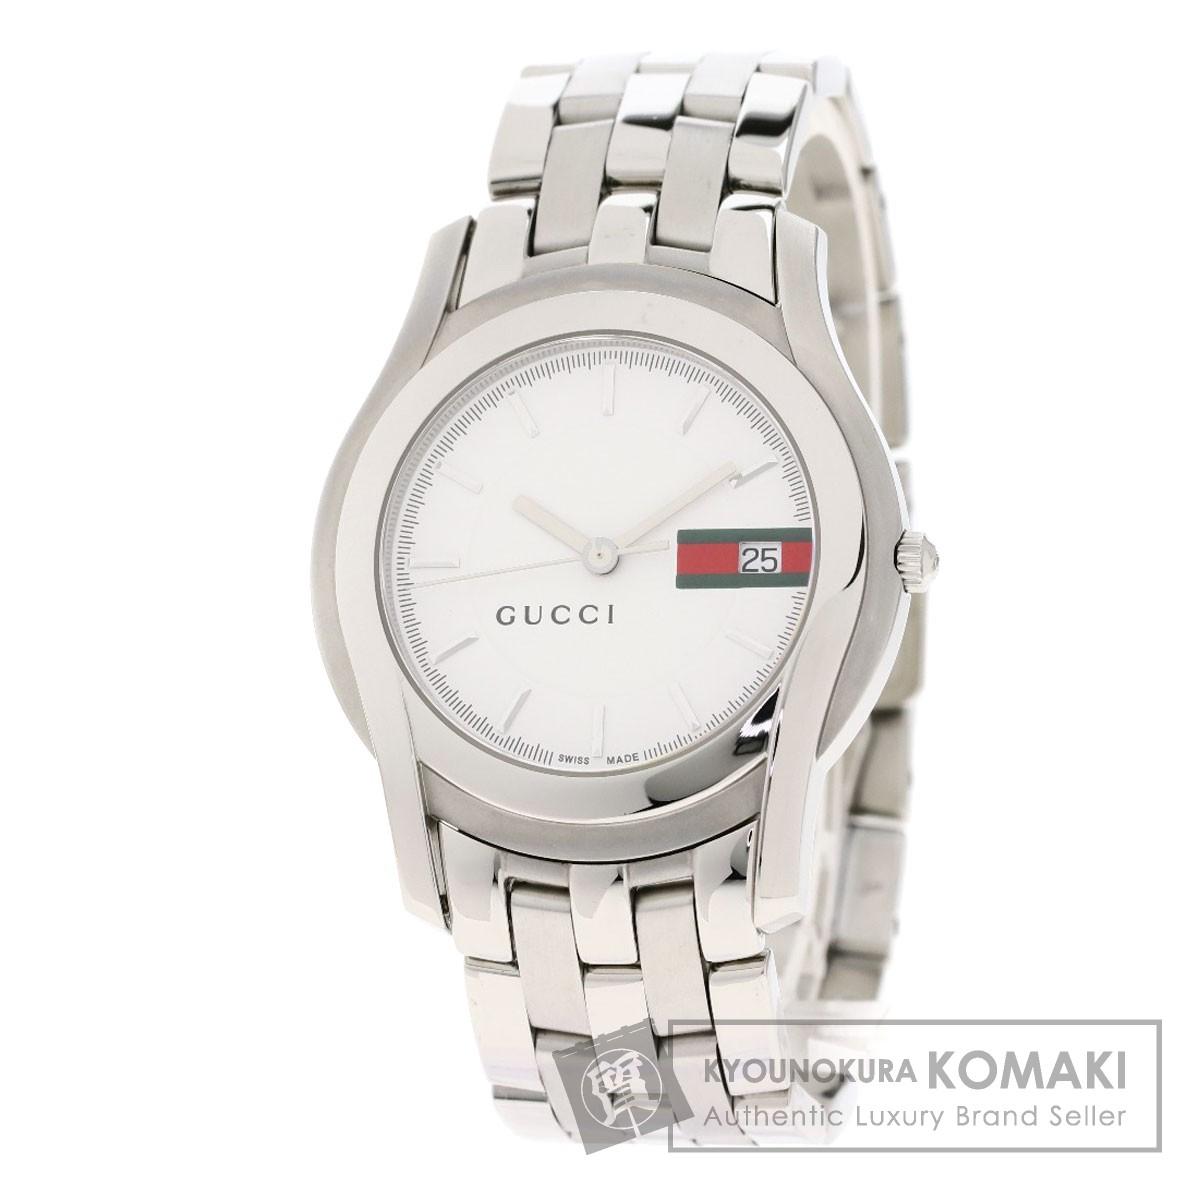 GUCCI 5500M シェリーライン 腕時計 ステンレススチール/SS メンズ 【中古】【グッチ】